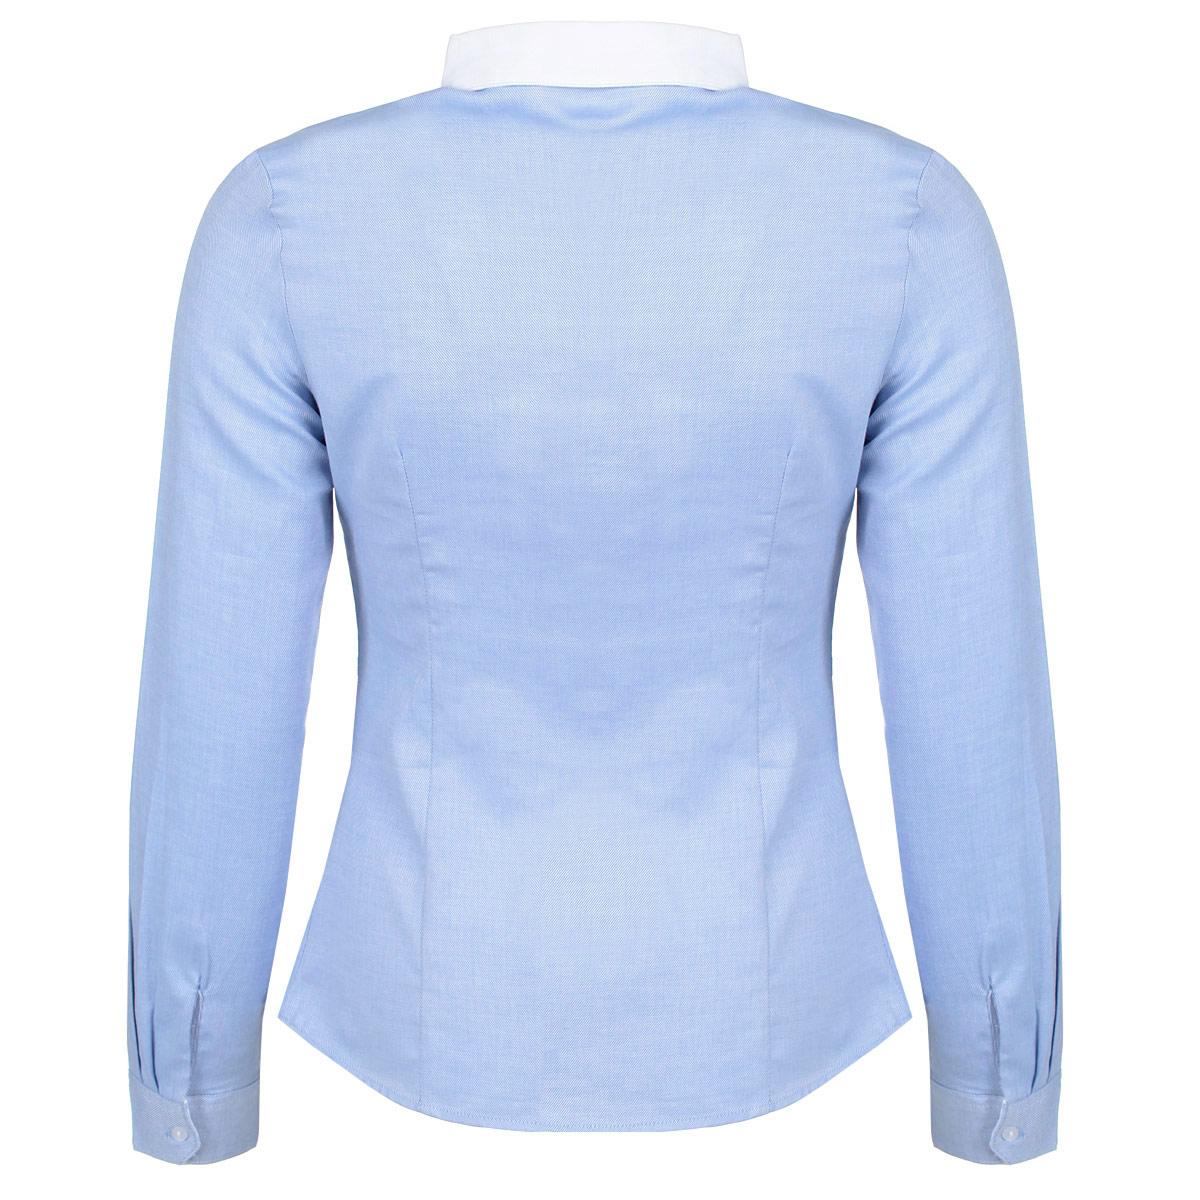 Блузка женская. B-112/588-5311B-112/588-5311Стильная женская блузка Sela - идеальный выбор для создания модного образа. Блузка выполнена из мягкого хлопка, приятная на ощупь, не раздражает кожу и хорошо вентилируется. Модель приталенного кроя с длинными рукавами и отложным круглым воротничком застегивается на пуговицы. Манжеты также застегиваются на пуговицы. Воротник выполнены из материала контрастного цвета. Такая блузка займет достойное место в вашем гардеробе.